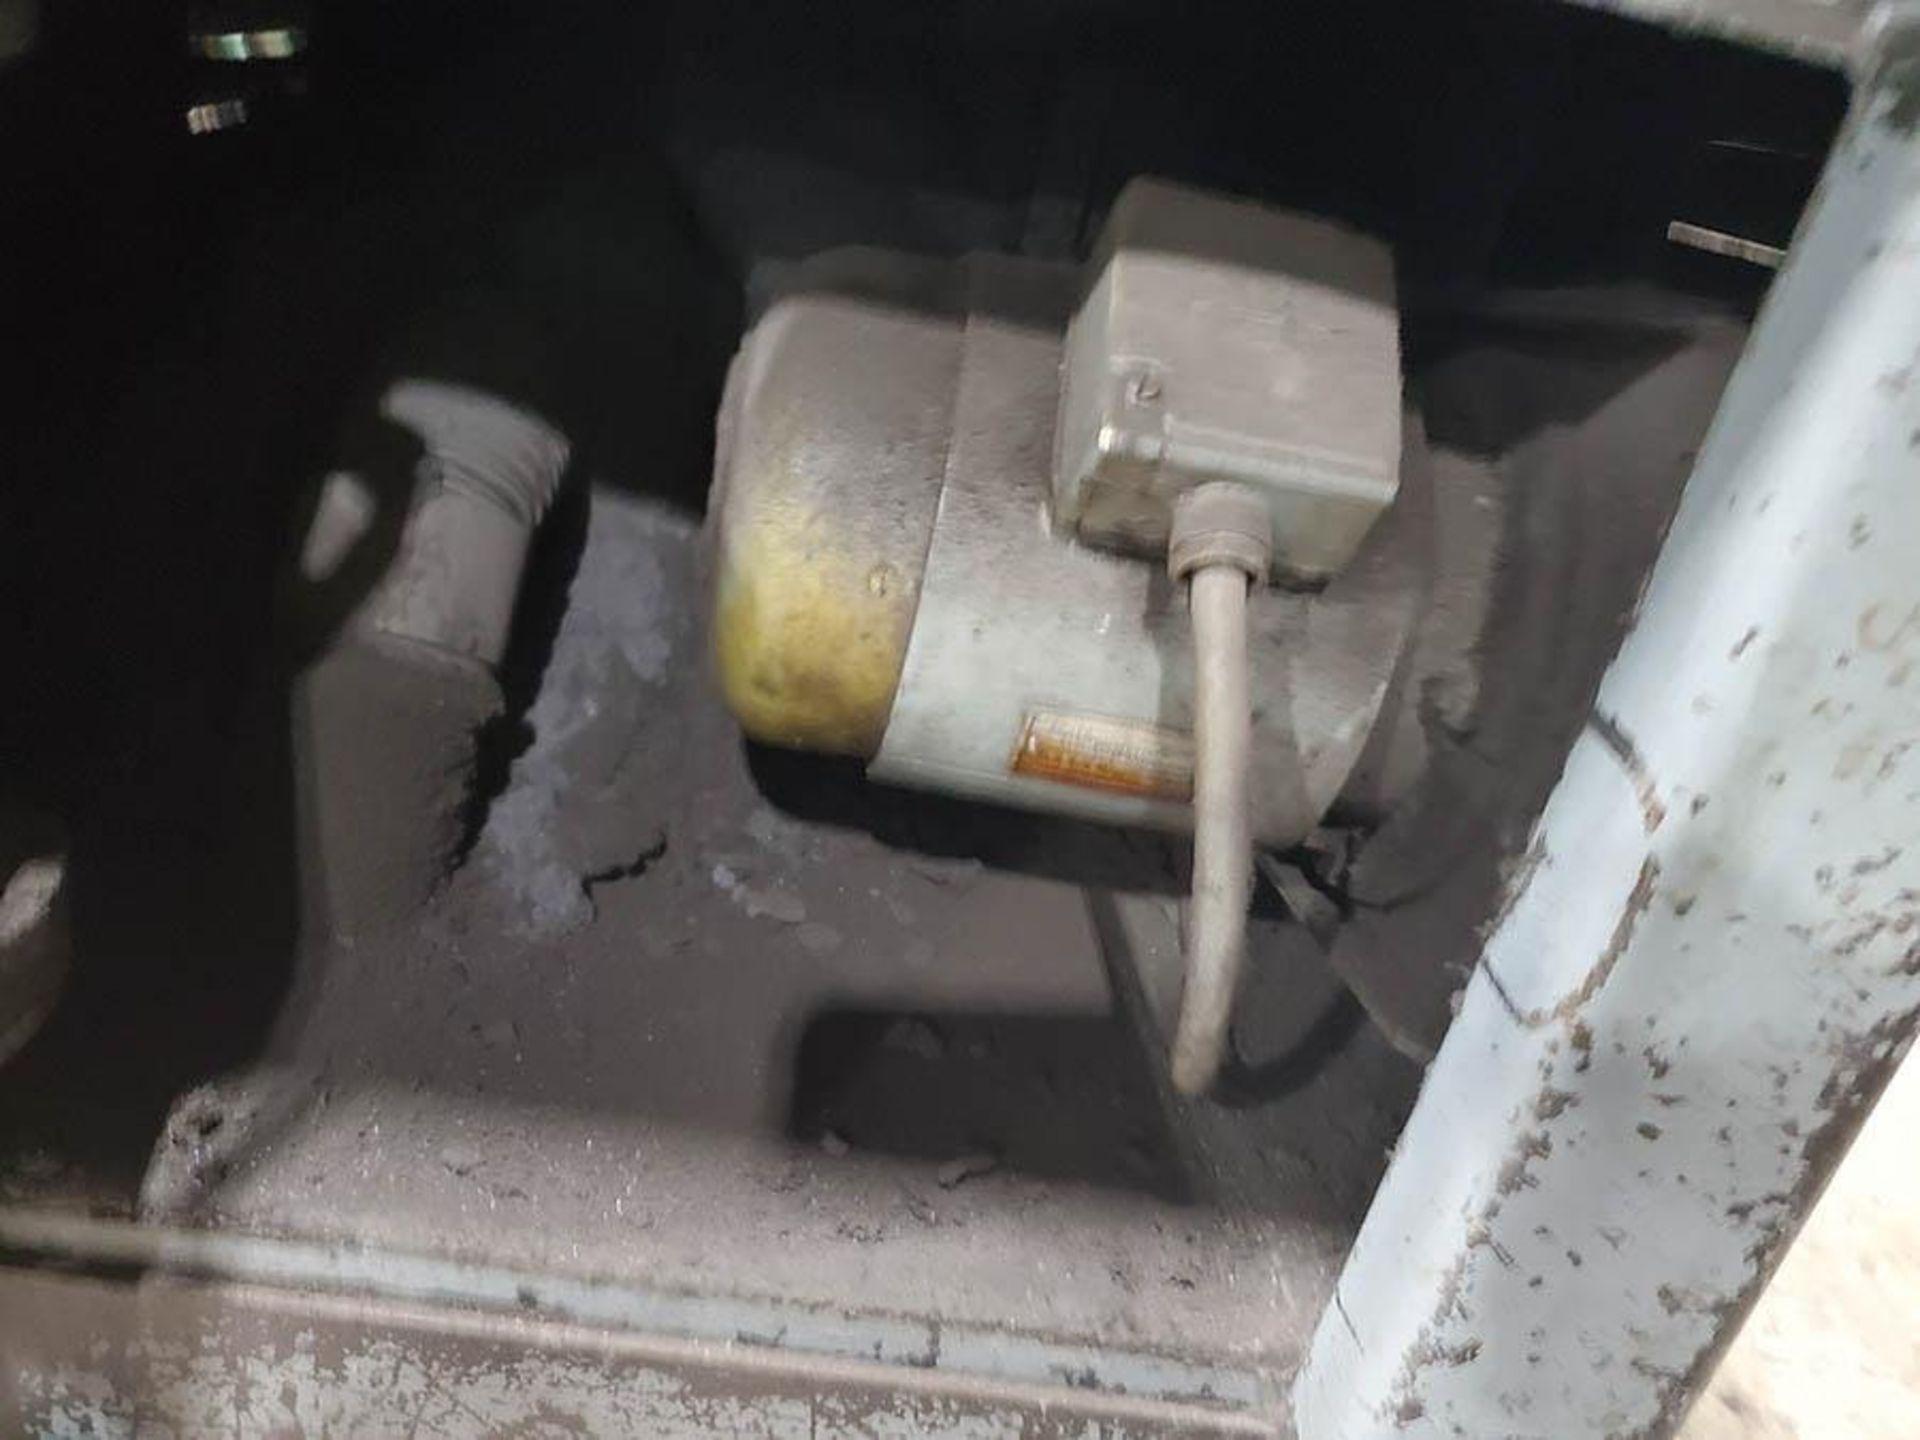 TRENJAEGER SAW SHARPENER, MODEL P 100, S/N GK213, 1-HP 208-220,440V 3PH, SOLD BARE - Image 7 of 7